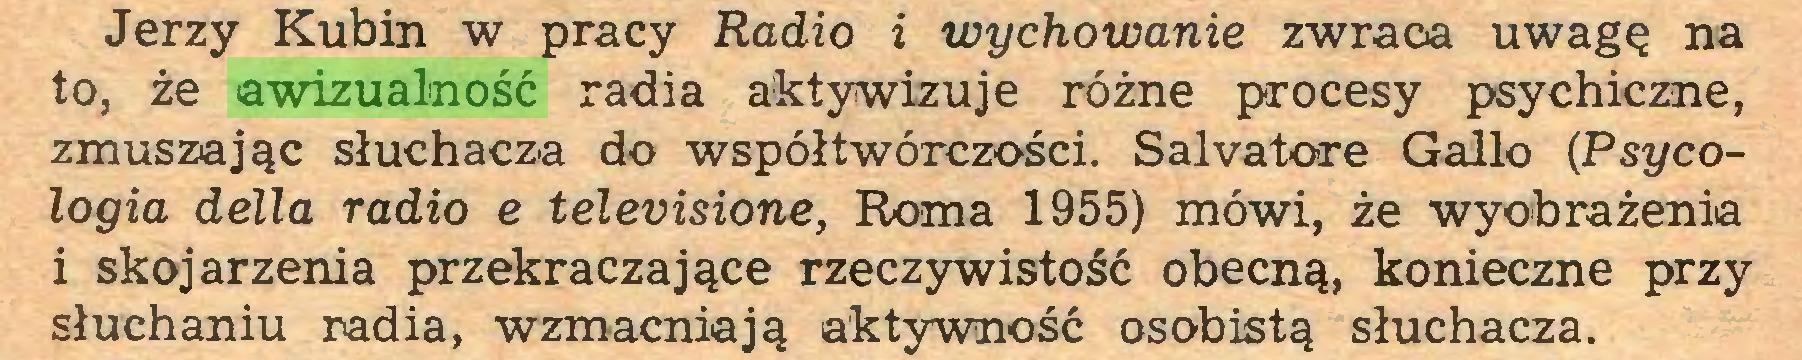 (...) Jerzy Kubin w pracy Radio i wychowanie zwraca uwagę na to, że awizualność radia aktywizuje różne procesy psychiczne, zmuszając słuchacza do współtwórczości. Salvatore Galio (Psy cologia della radio e televisione, Roma 1955) mówi, że wyobrażenia i skojarzenia przekraczające rzeczywistość obecną, konieczne przy słuchaniu radia, wzmacniają aktywność osobistą słuchacza...